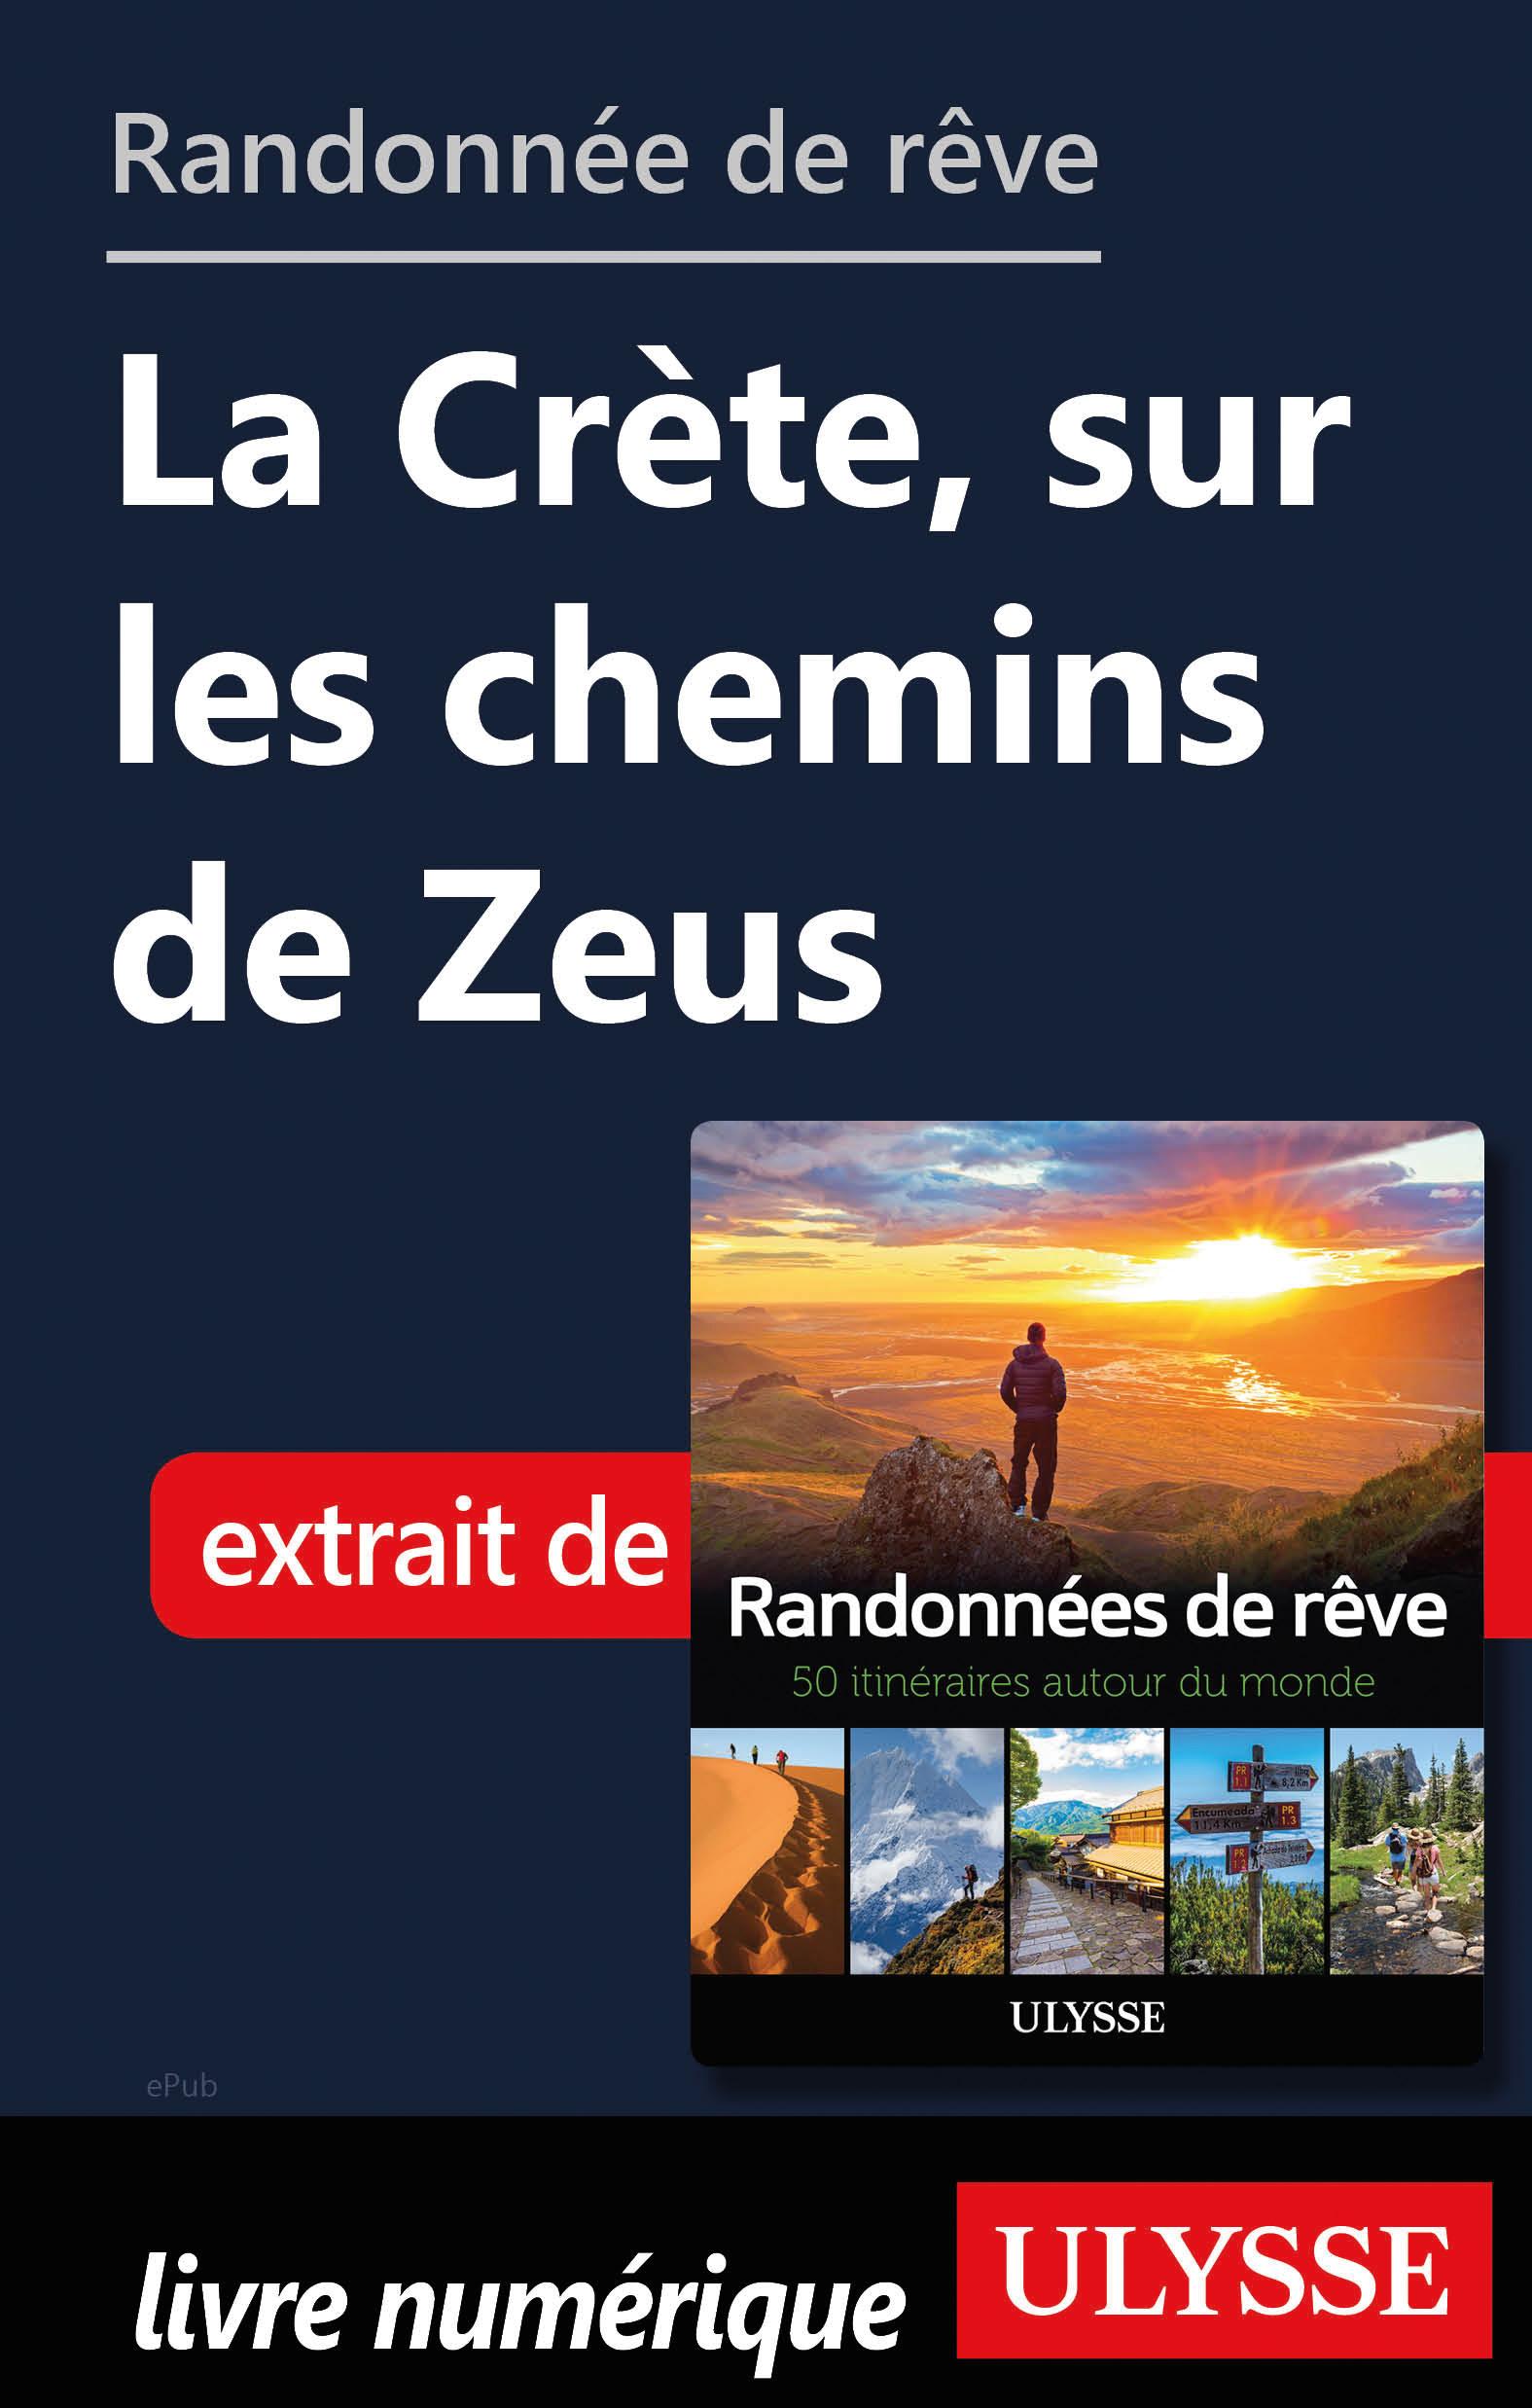 Randonnée de rêve - La Crète, sur les chemins de Zeus